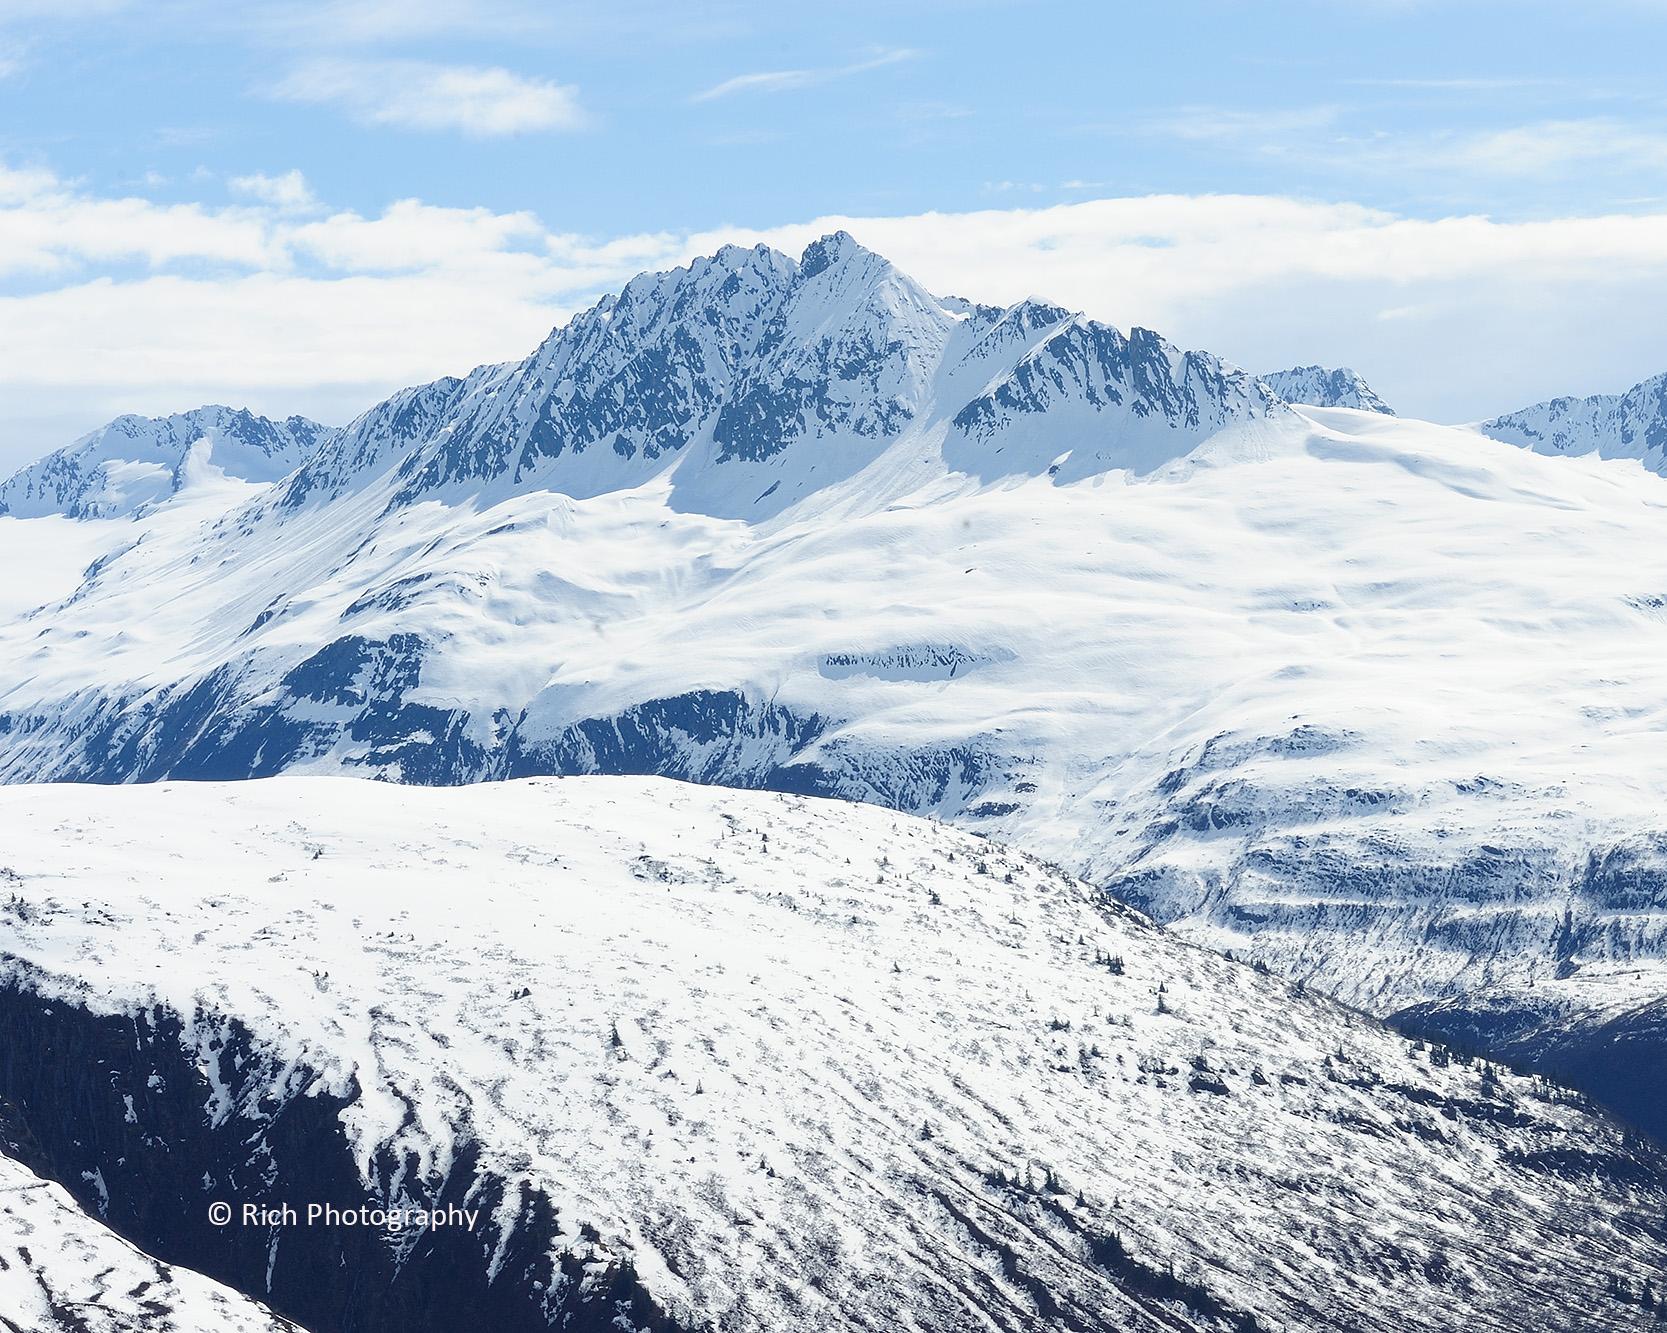 20 mountains DSC_7600 copy.jpg